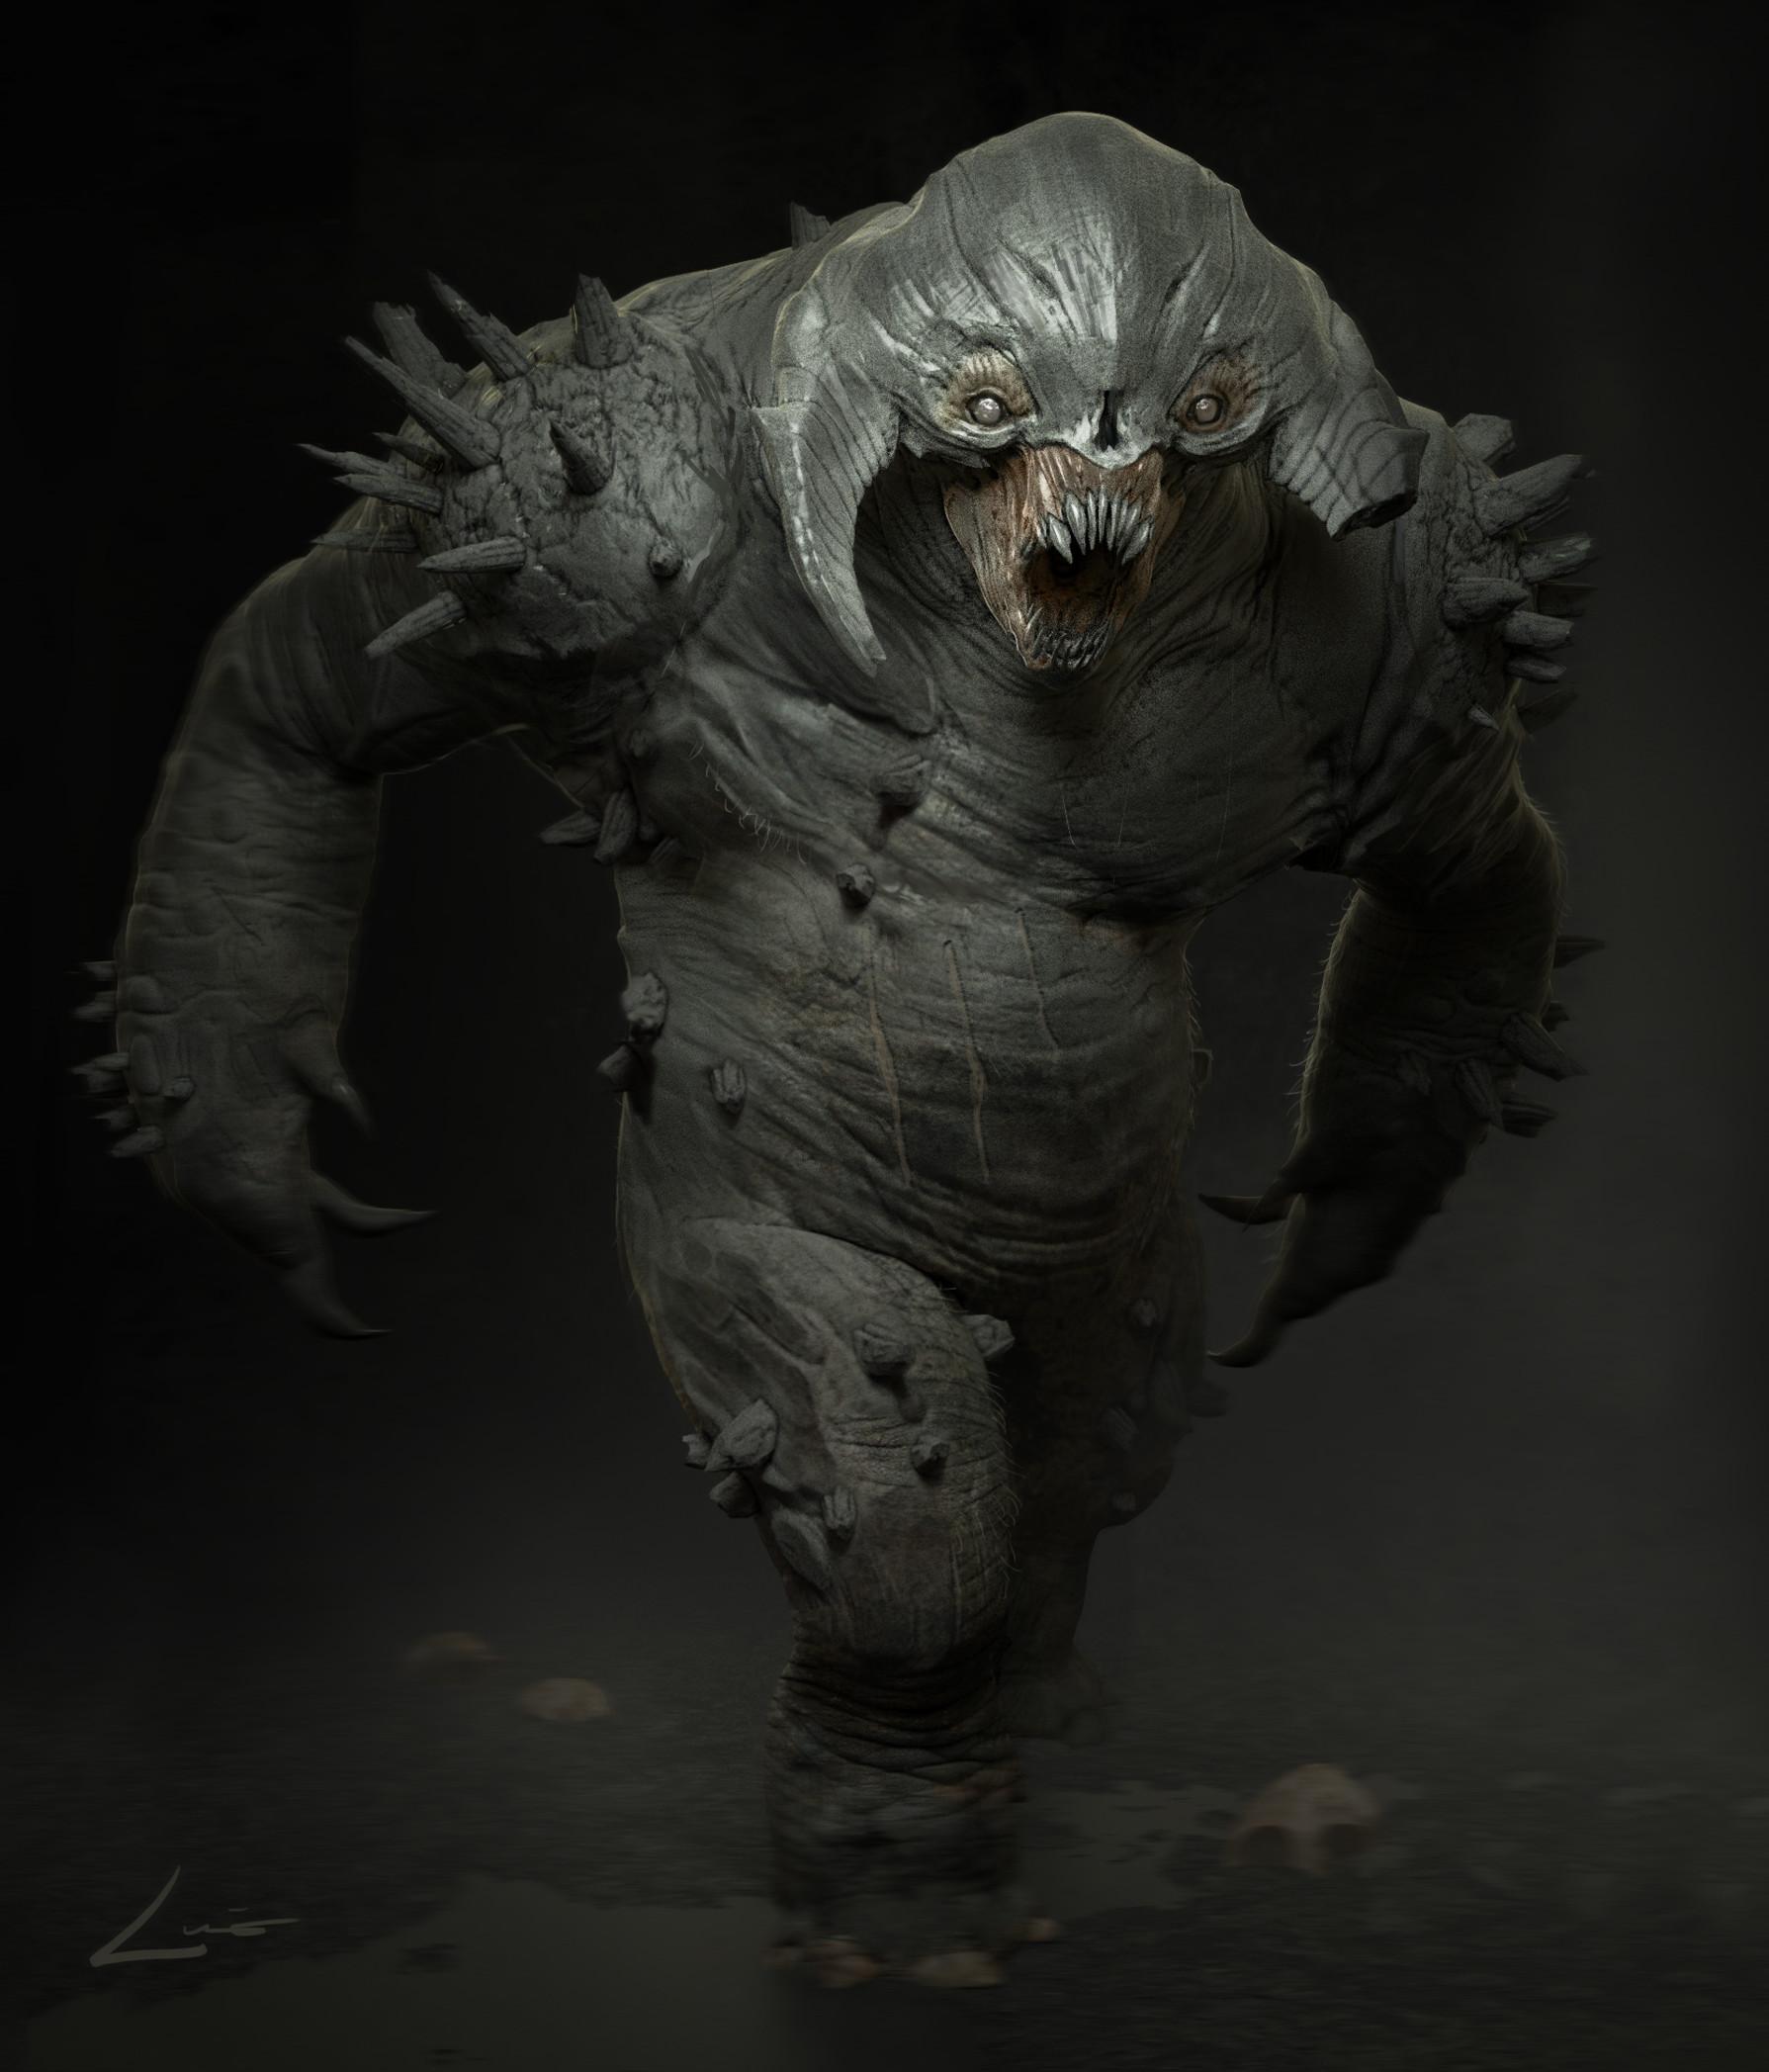 Luis carrasco demon 03a